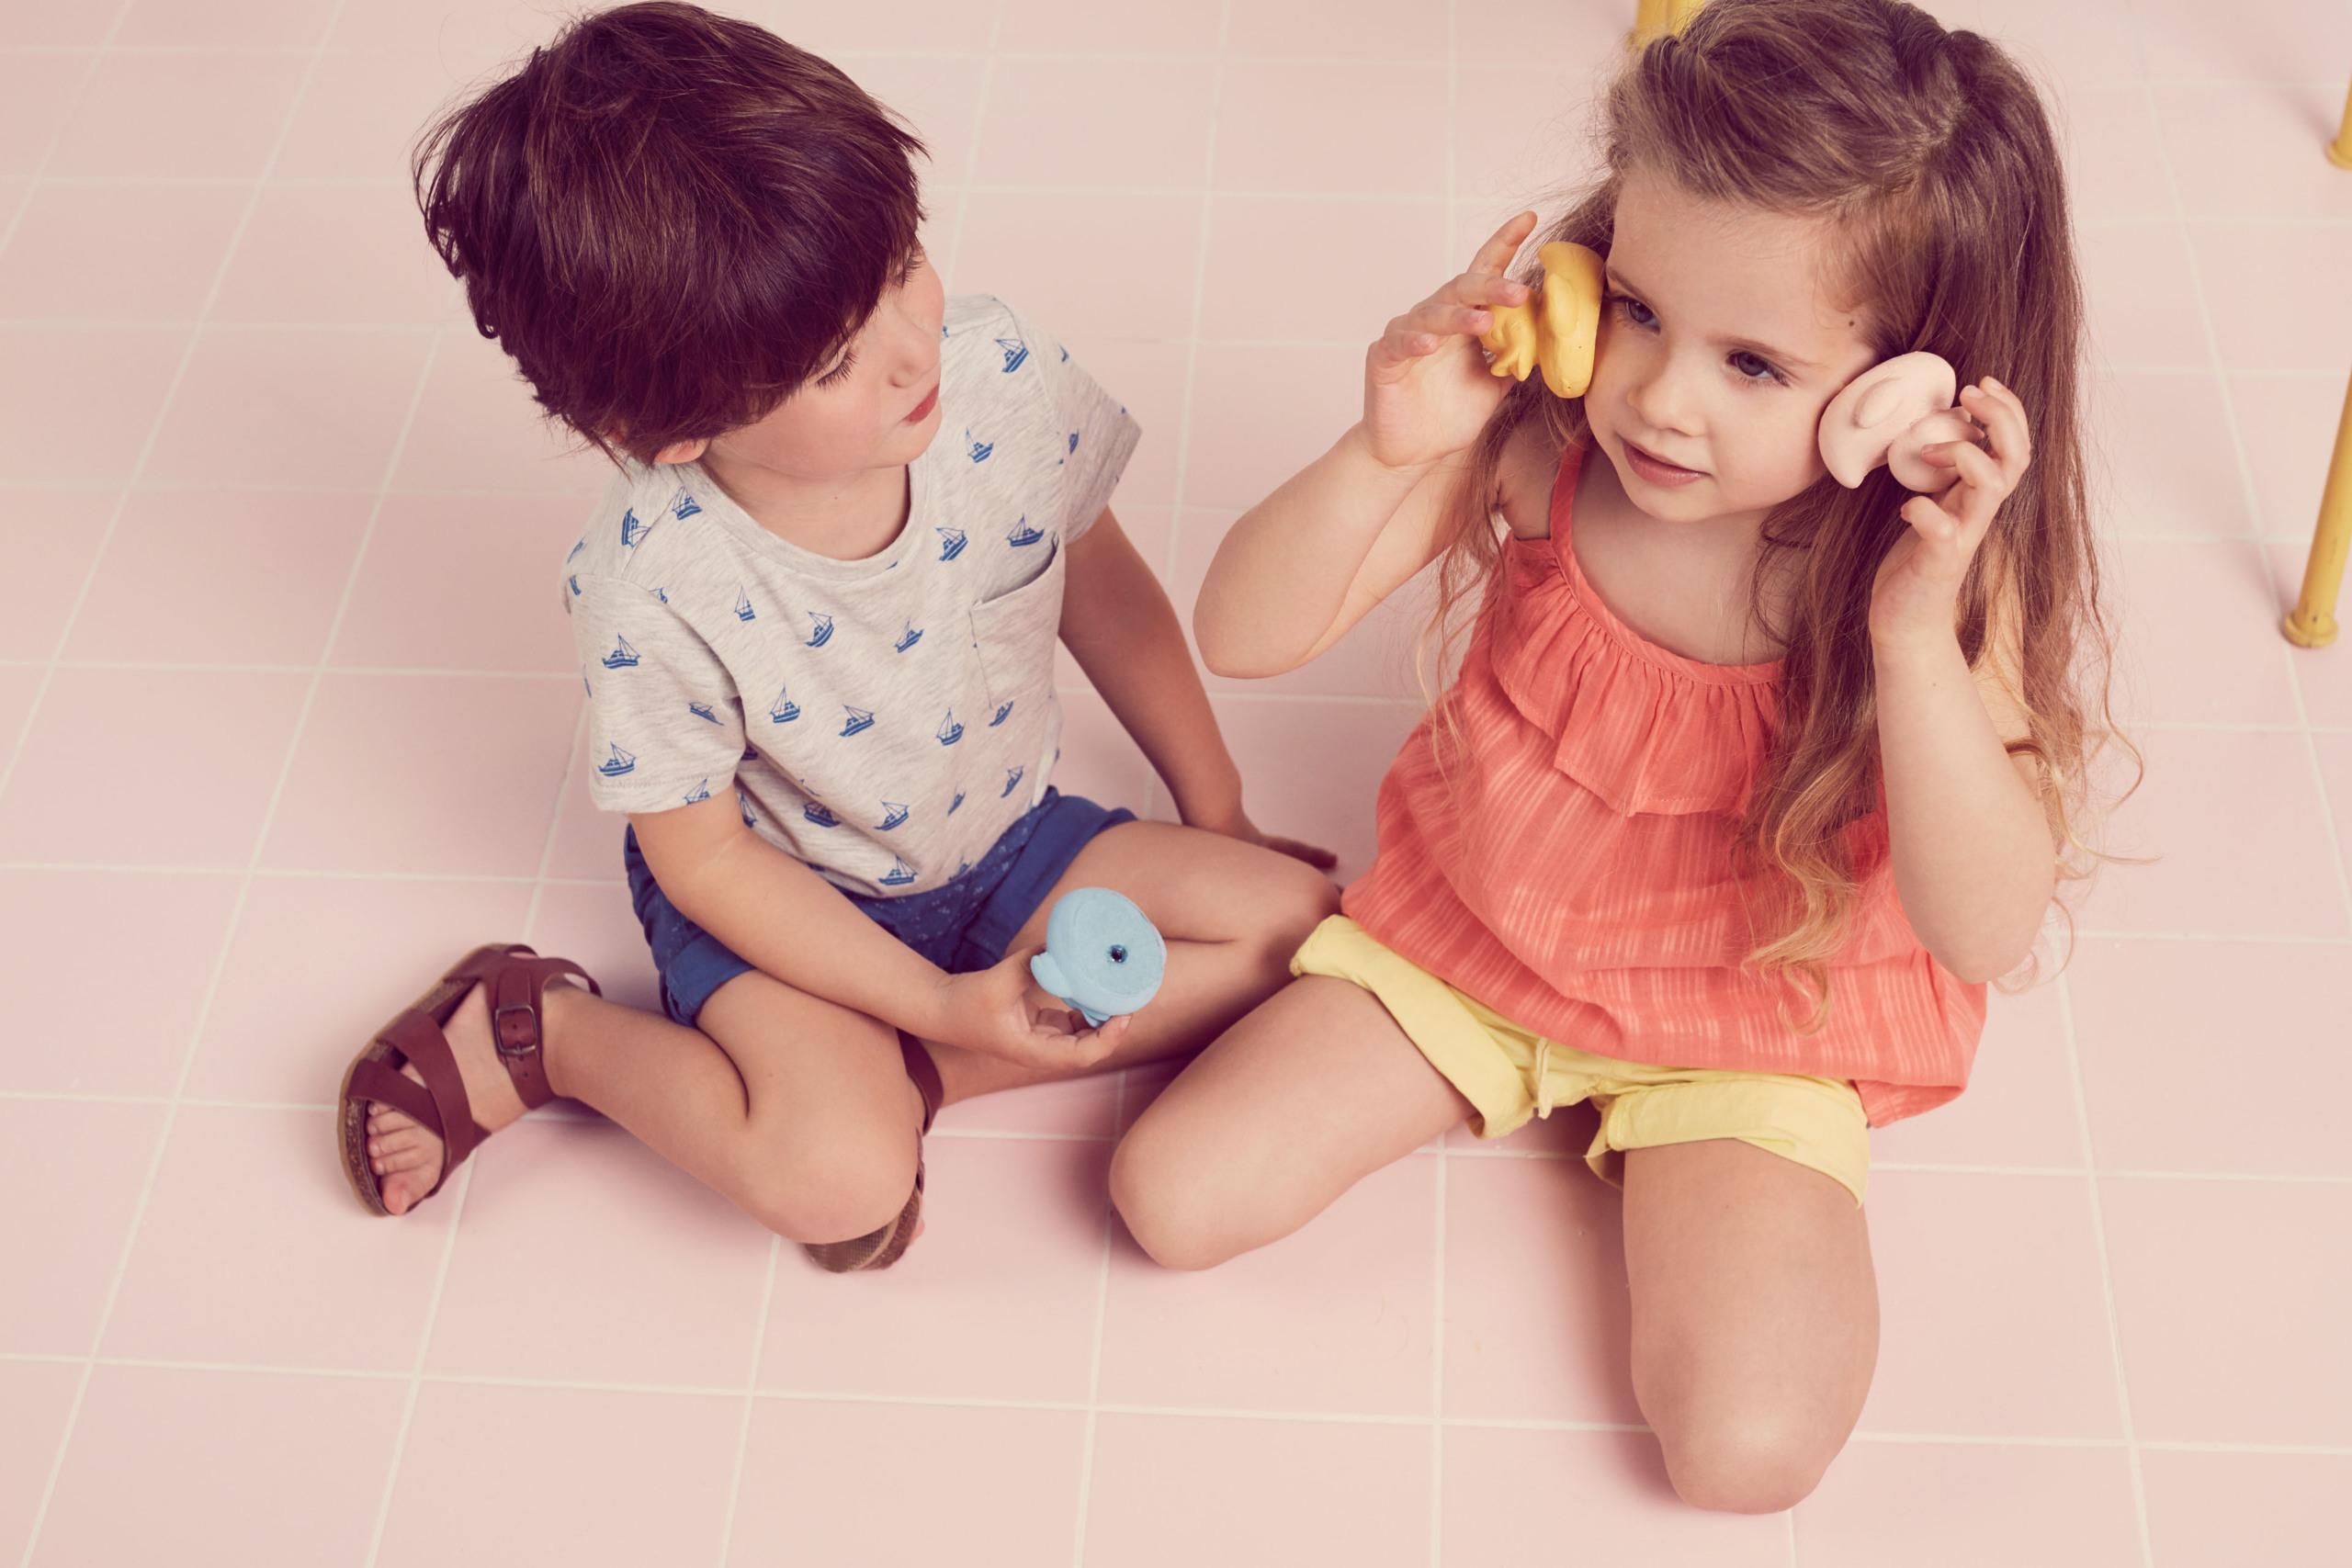 Mango baño Kids